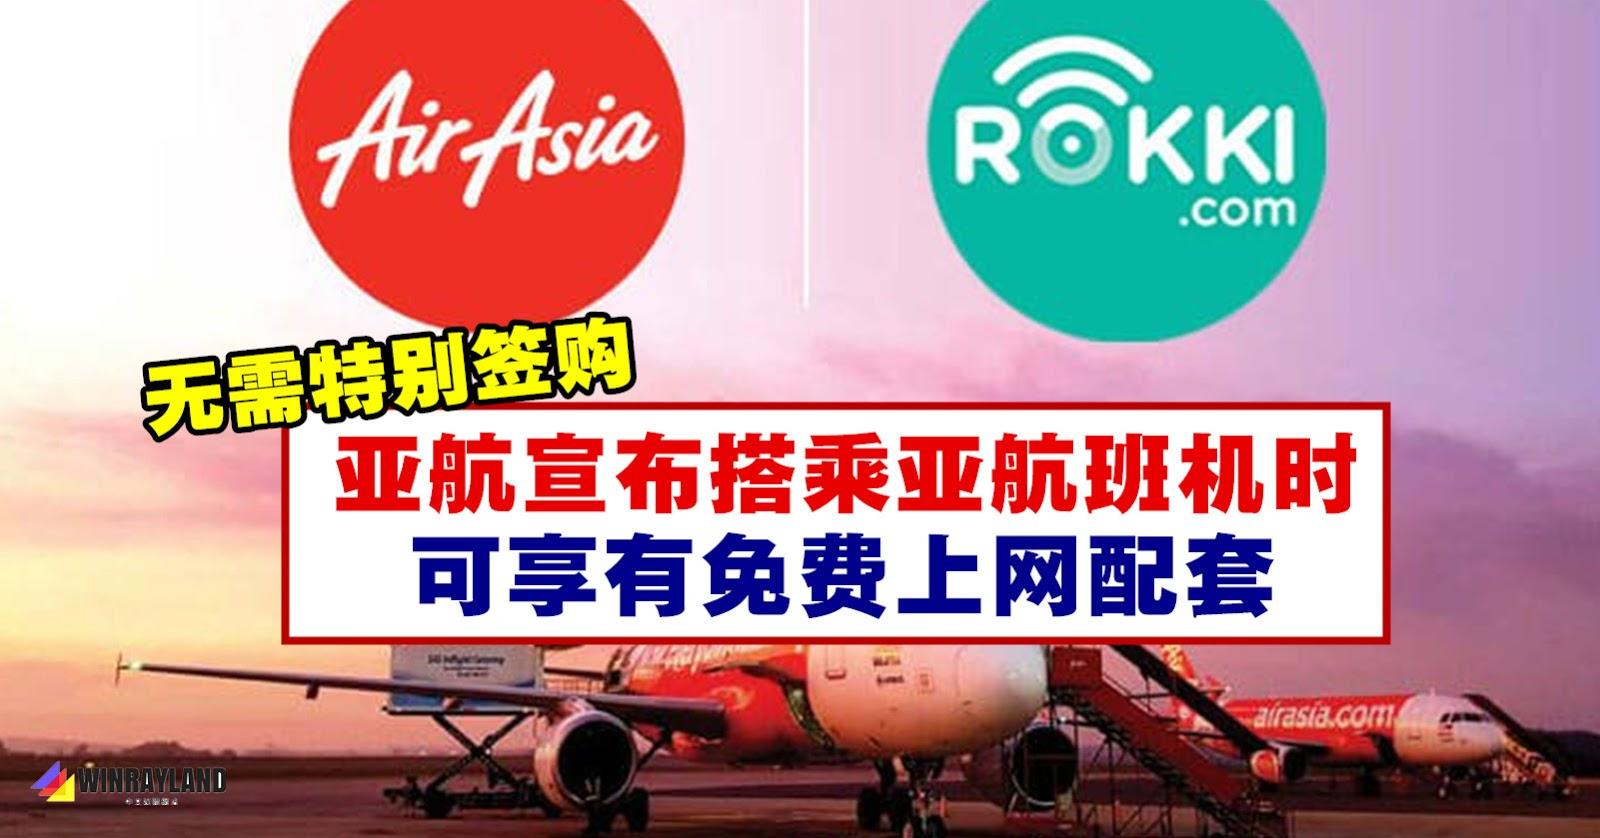 亚航宣布搭乘亚航班机时,可享有免费上网配套